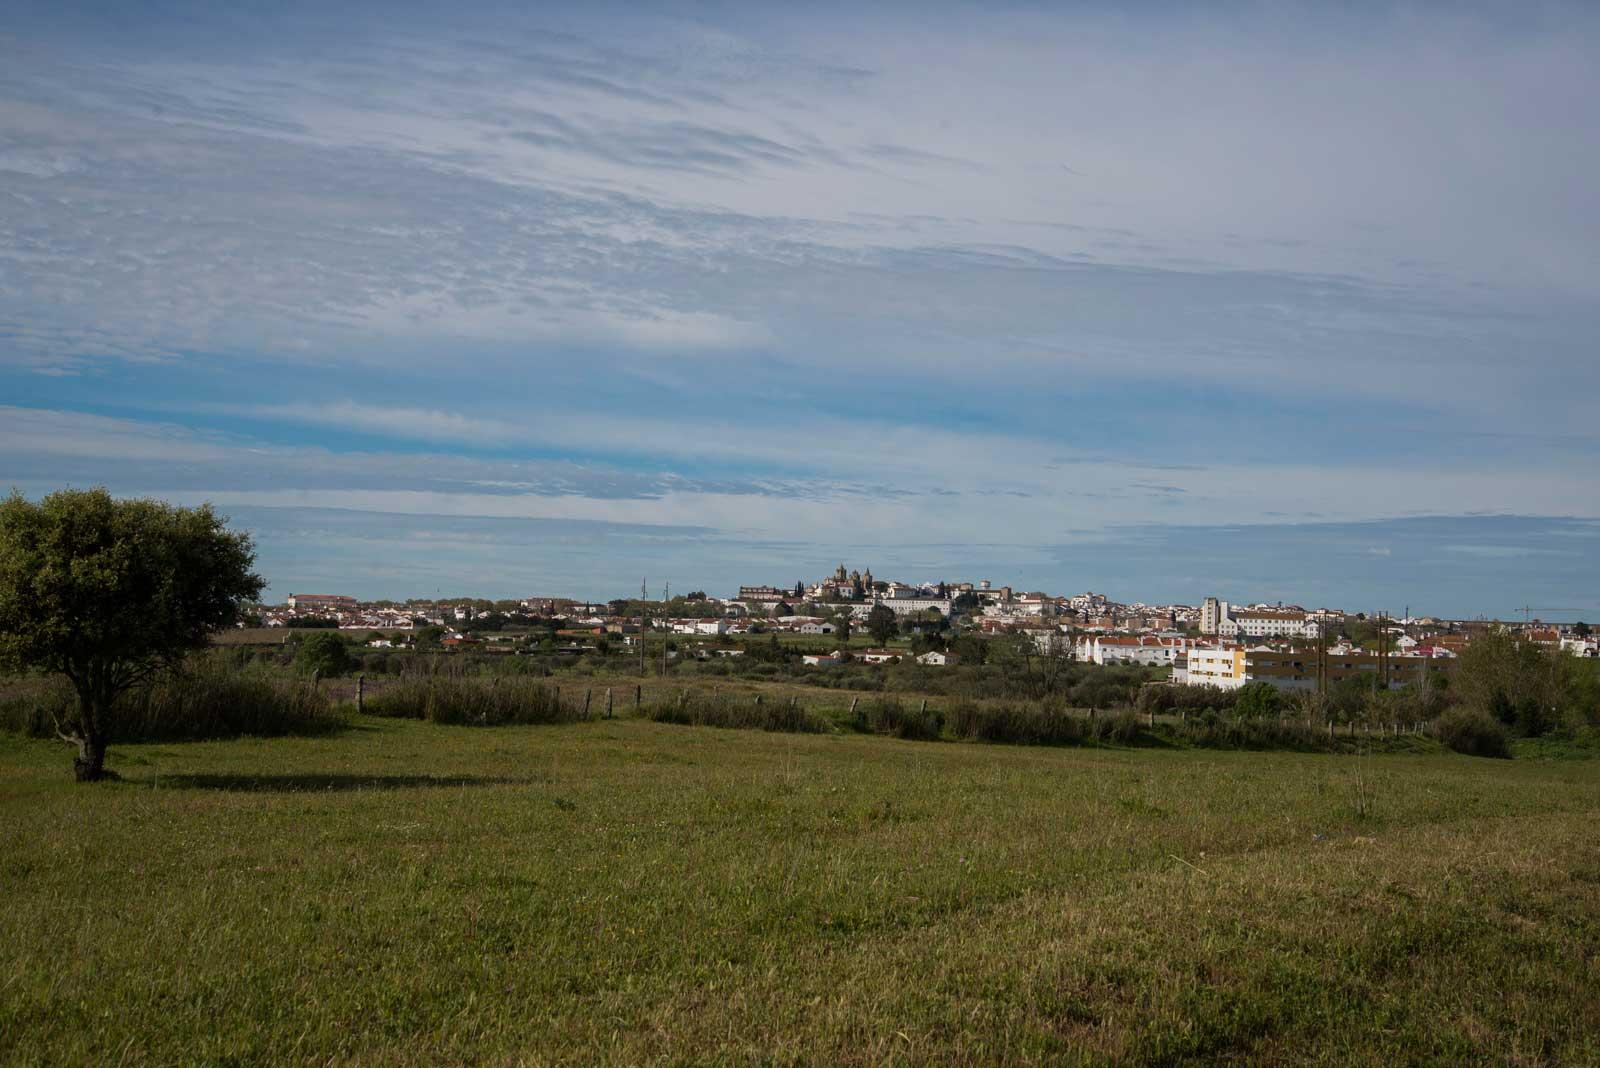 Evora, en fin og gammel by. Også denne med festning på toppen.